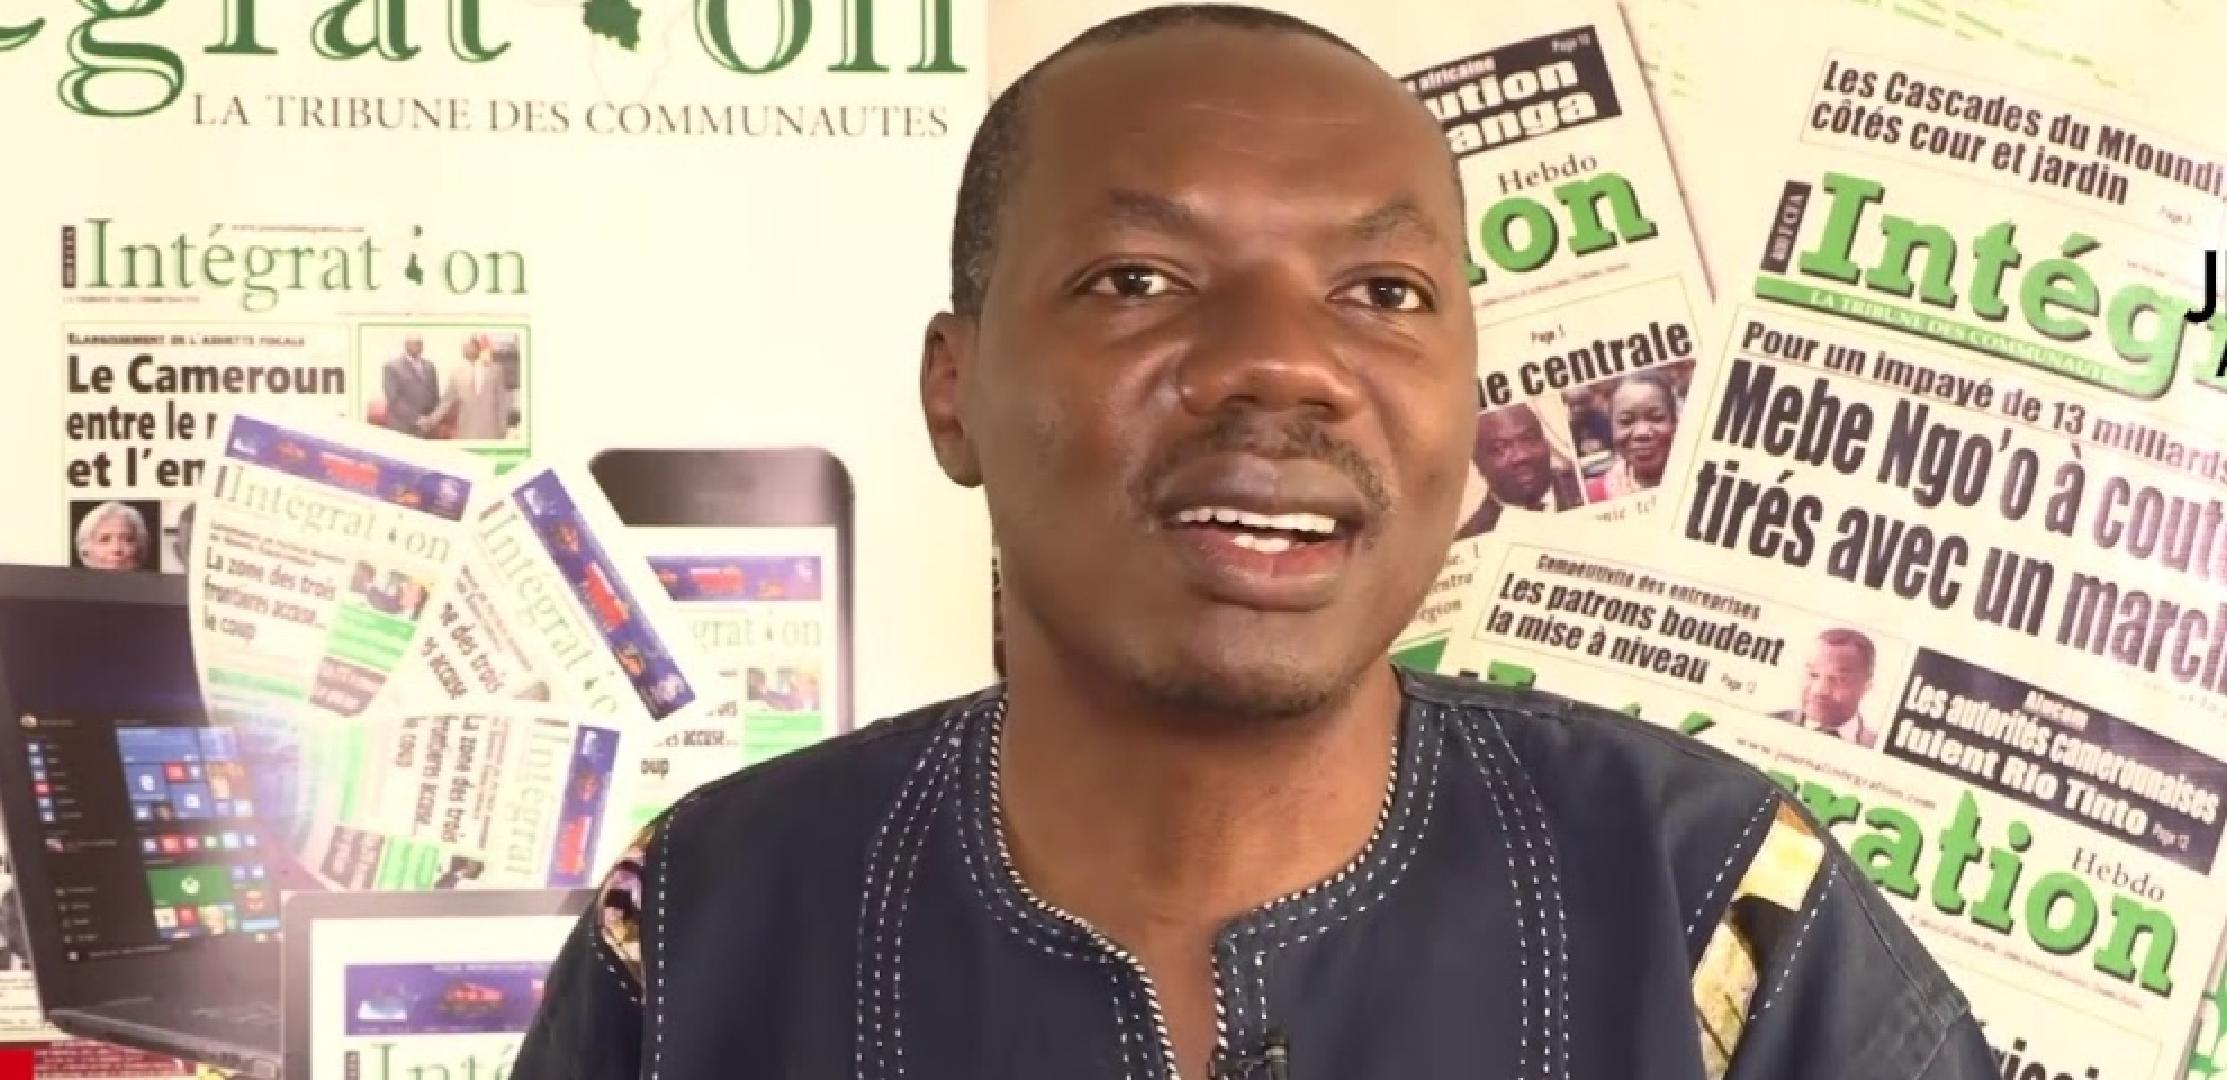 «L'appui institutionnel de l'Etat à la presse privée devrait être revue à la hausse» d'après Thierry Ndong